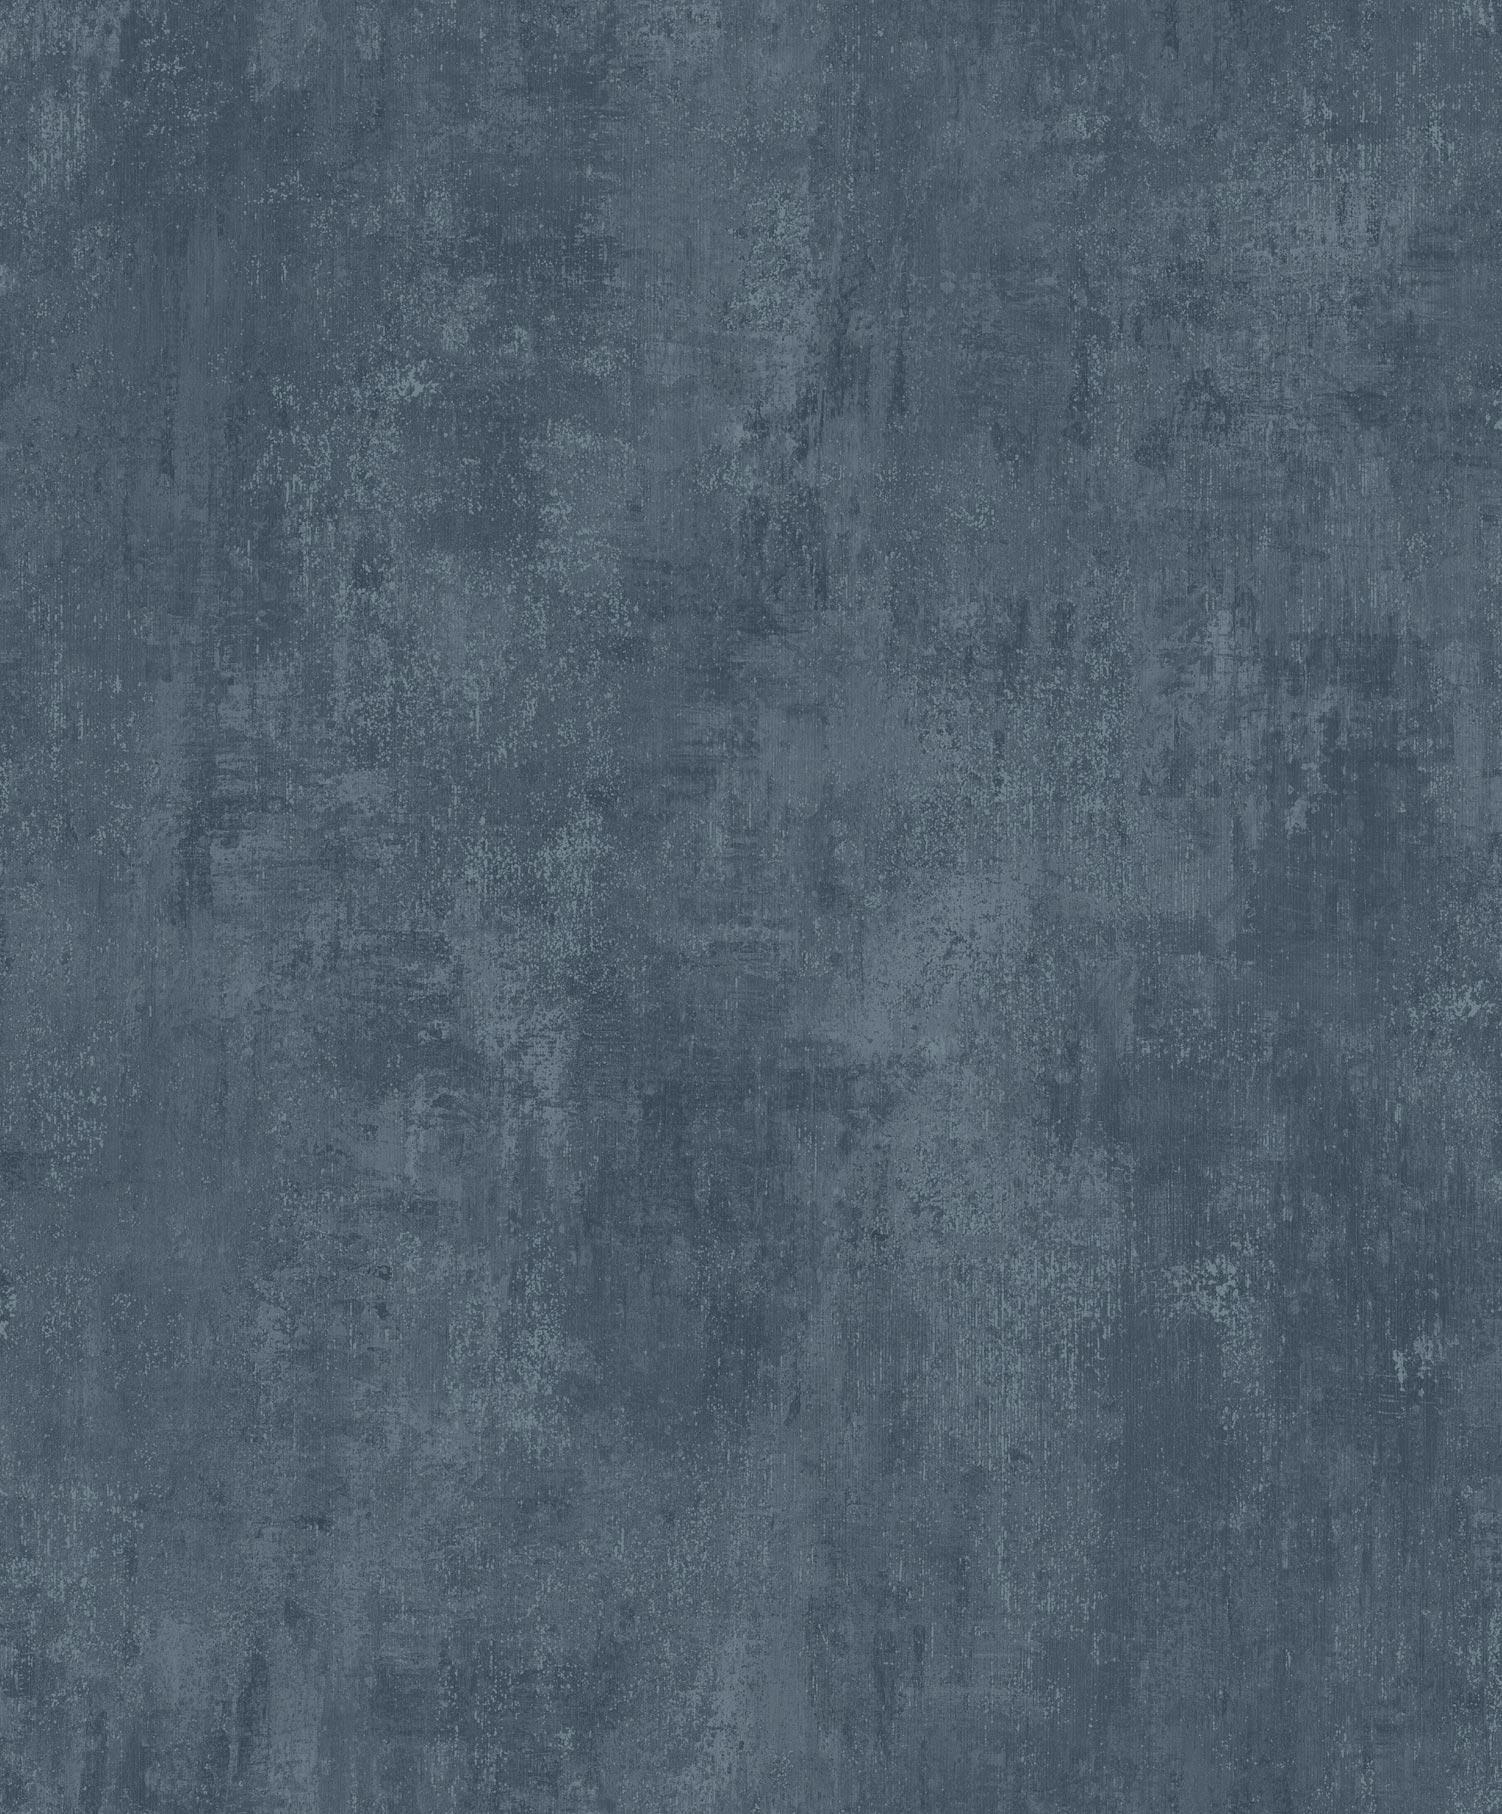 Обои Ugepa Couleurs j74301 (Угепа)